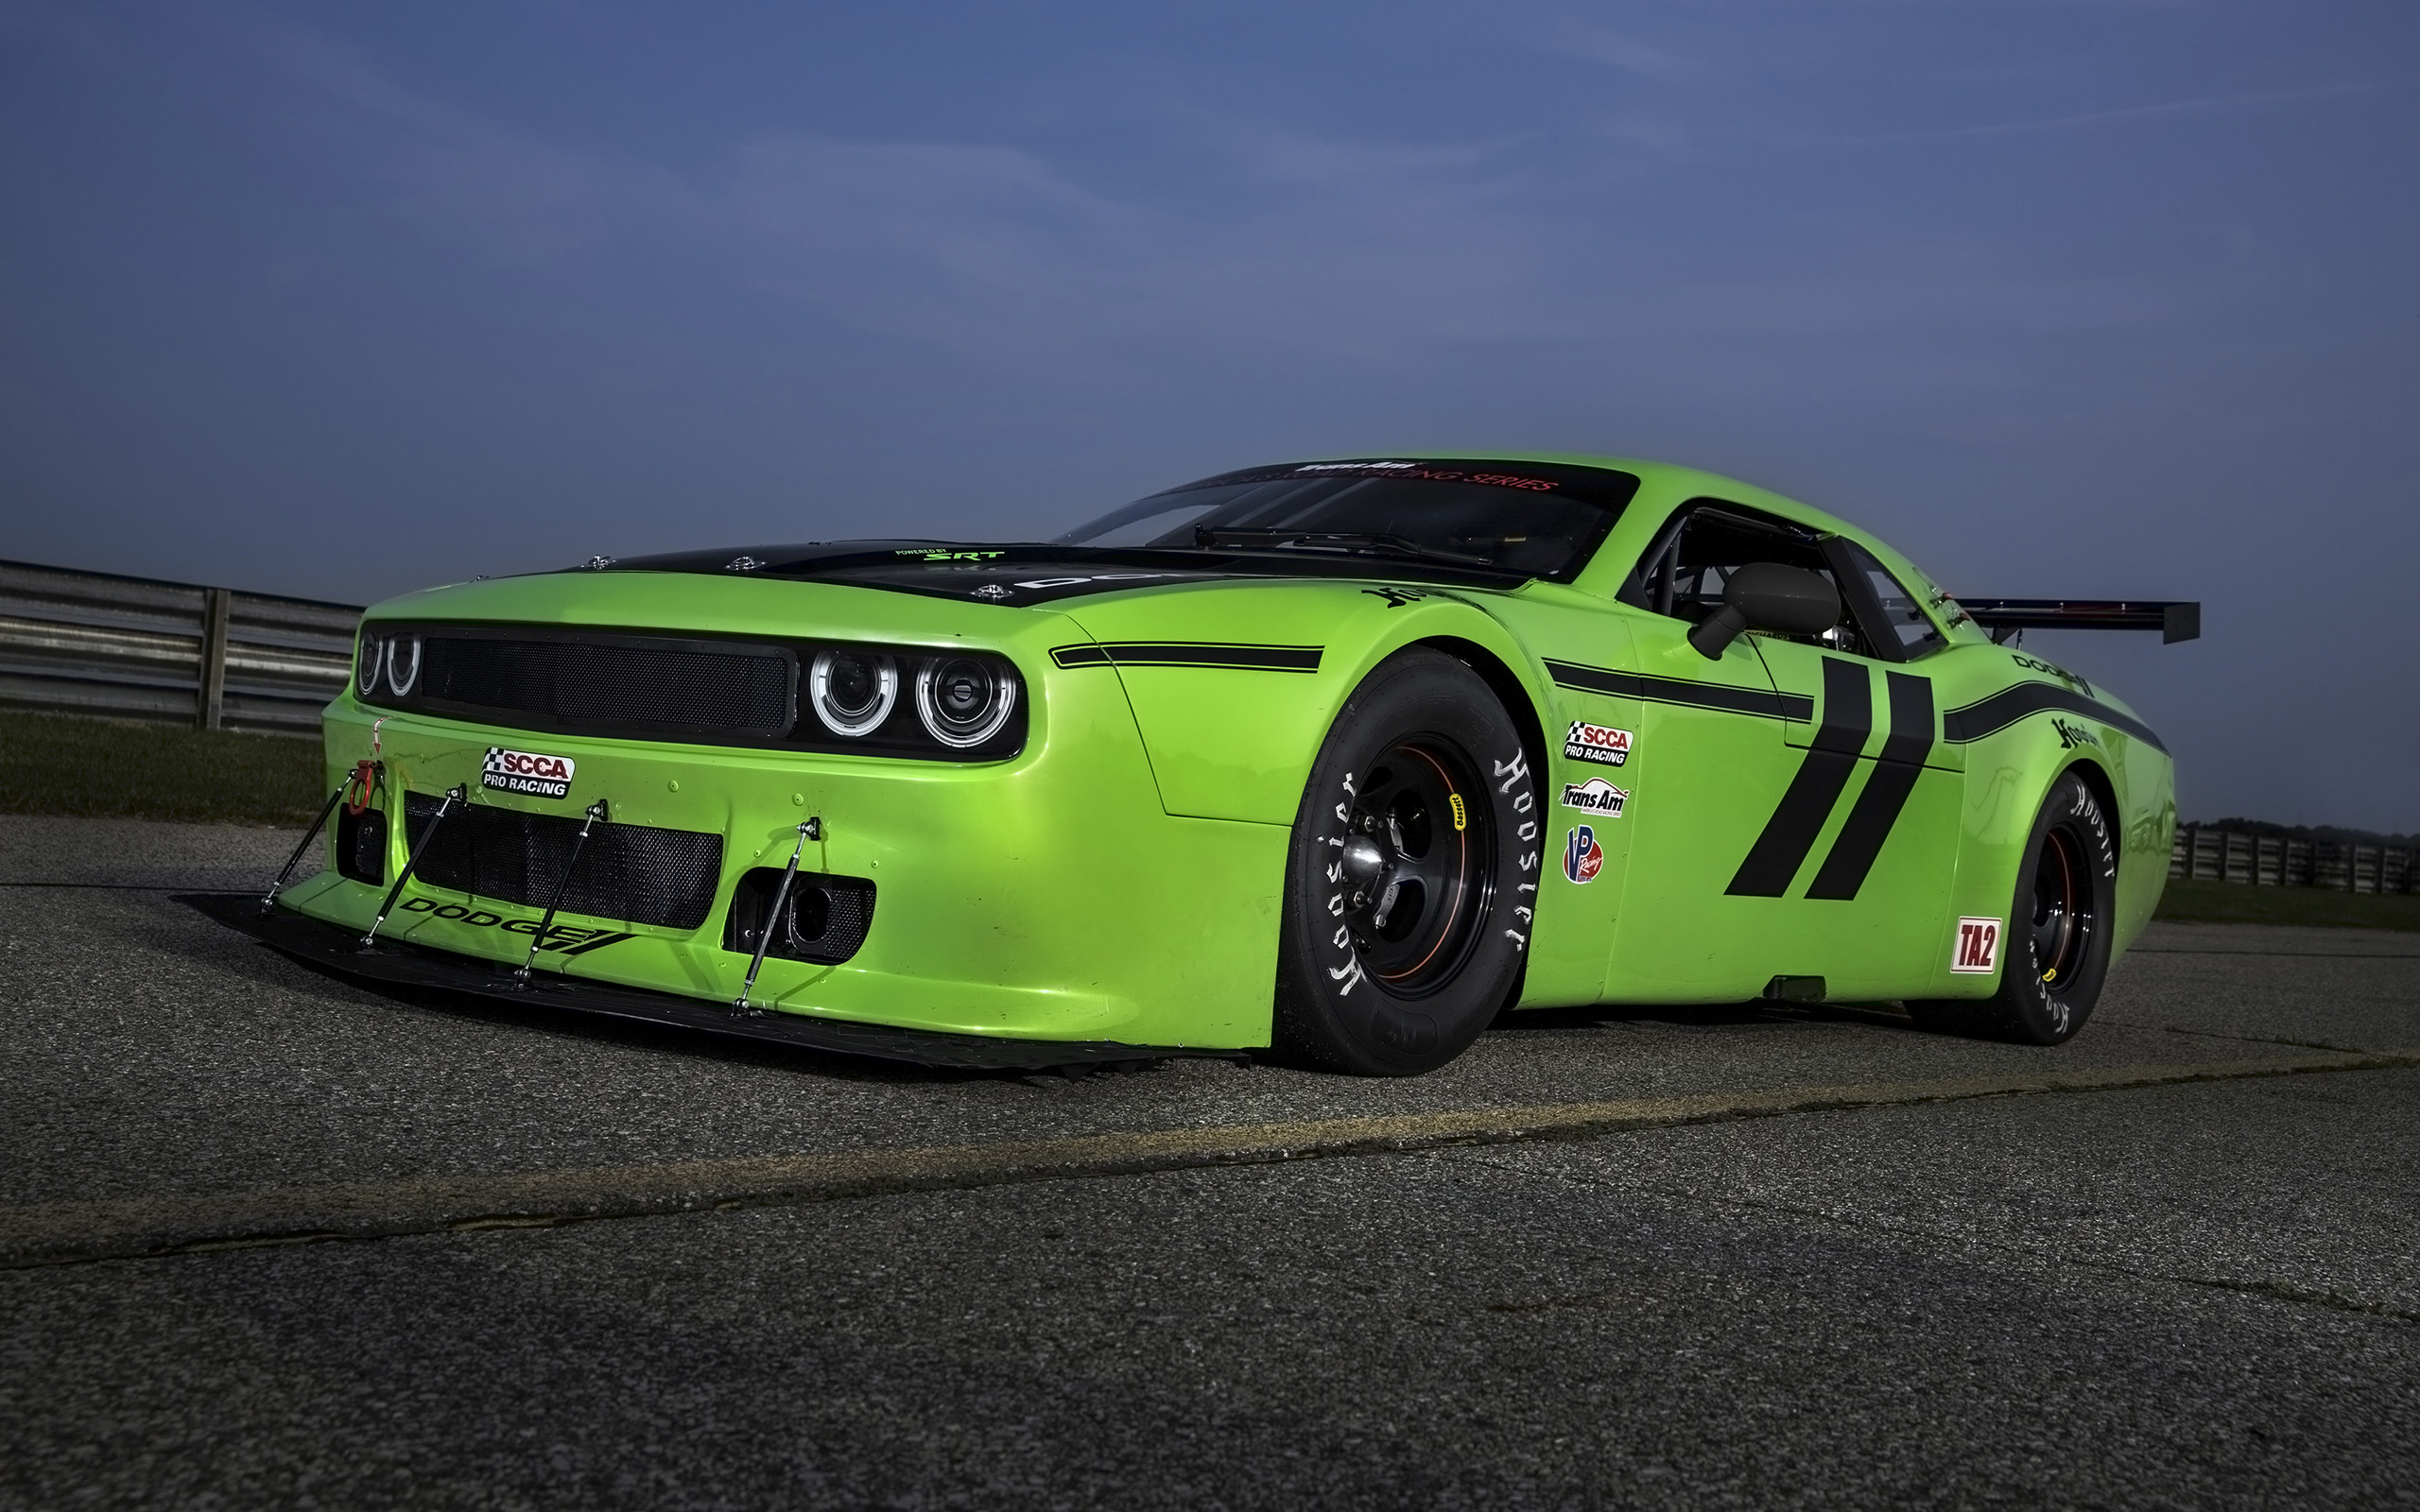 2014 Dodge Challenger Srt Trans Am Wallpaper Hd Car